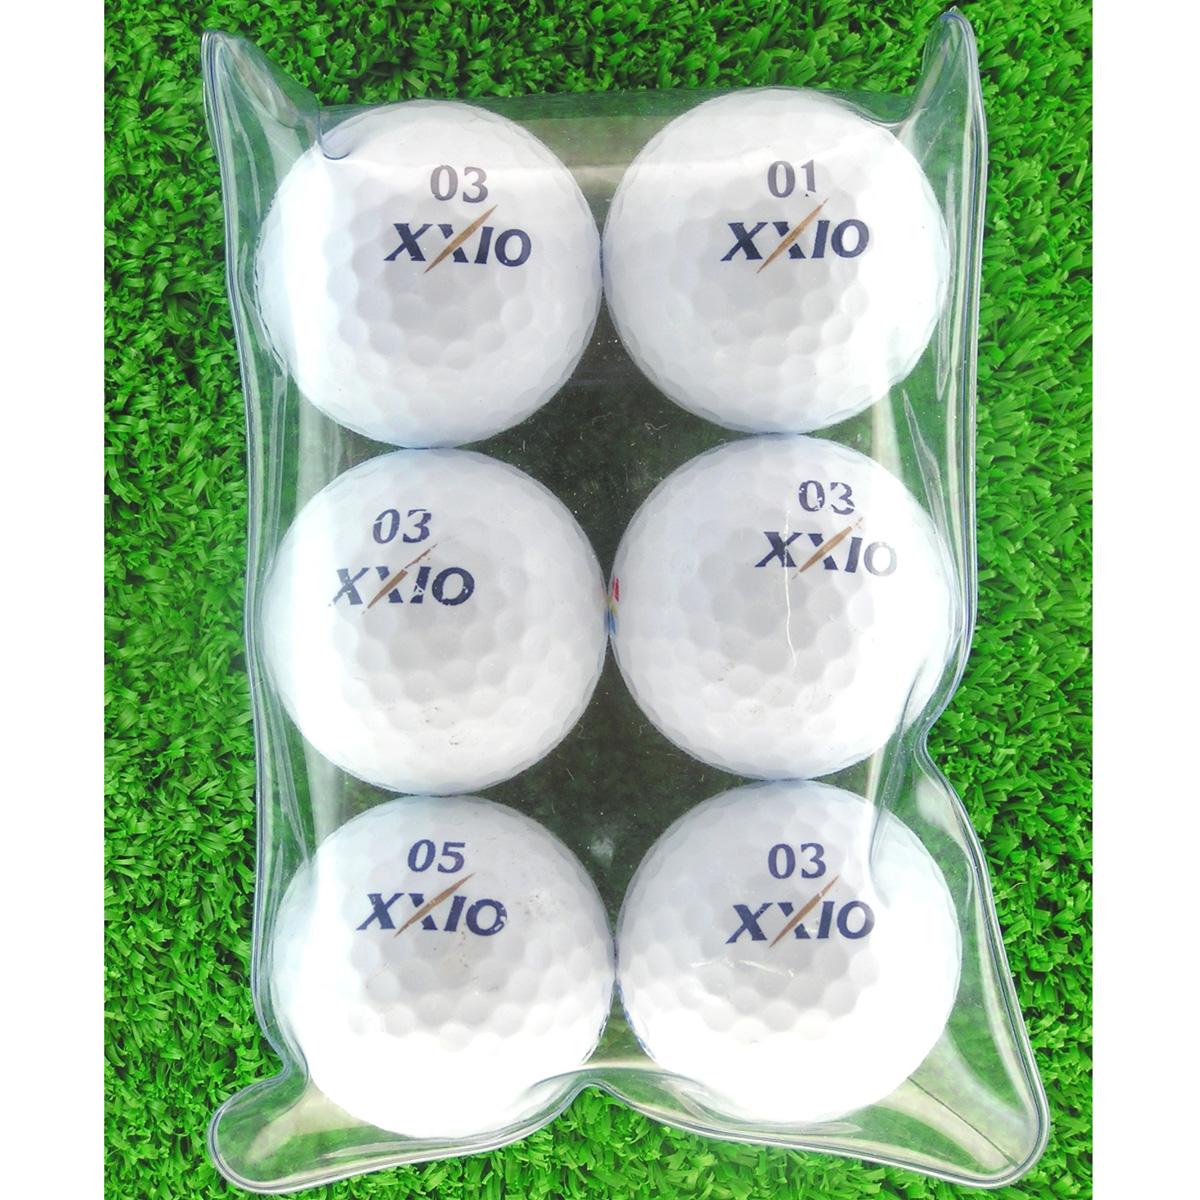 メイホウゴルフ ロストボール ゼクシオ スーパー XD PLUS 6個入り2パック12個セット